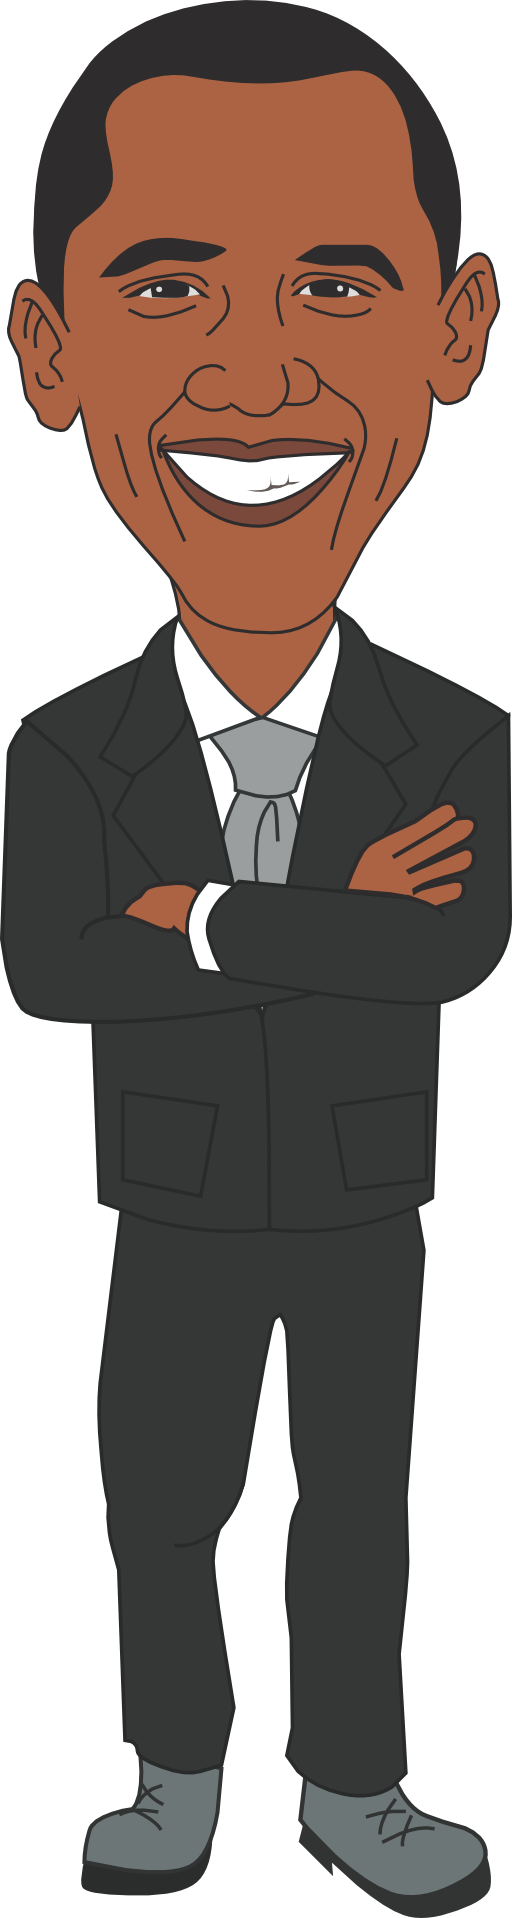 Barack Obama svg #14, Download drawings